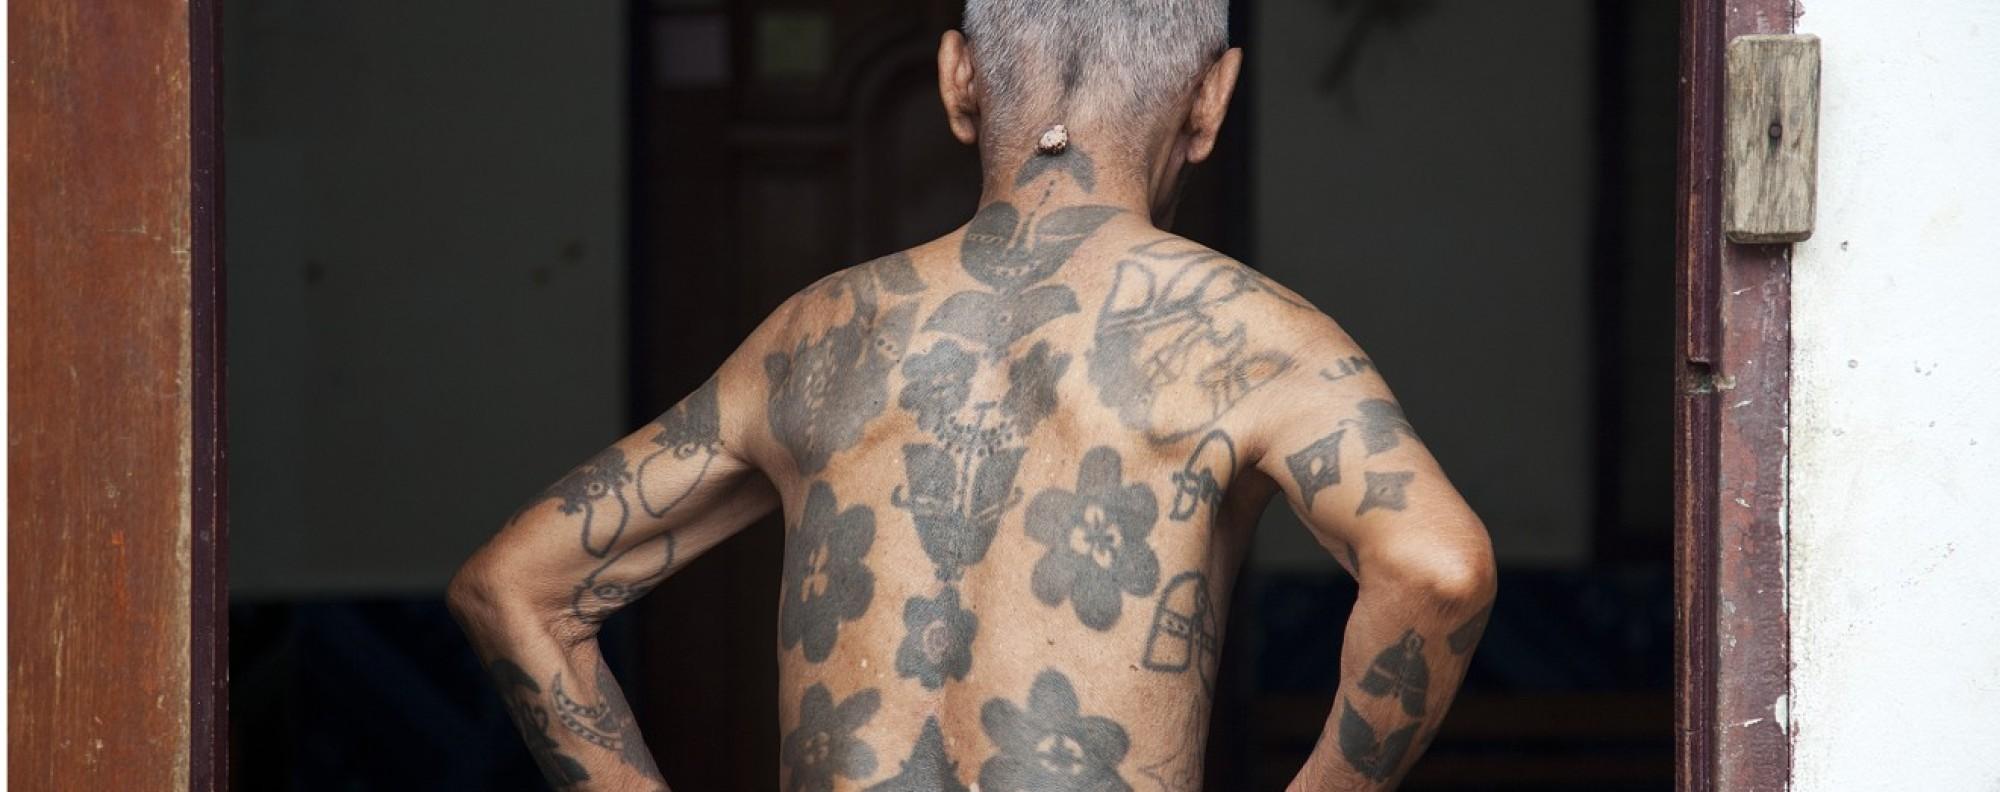 An Iban man, in Sarawak, Malaysian Borneo. Picture: Ore Huiying